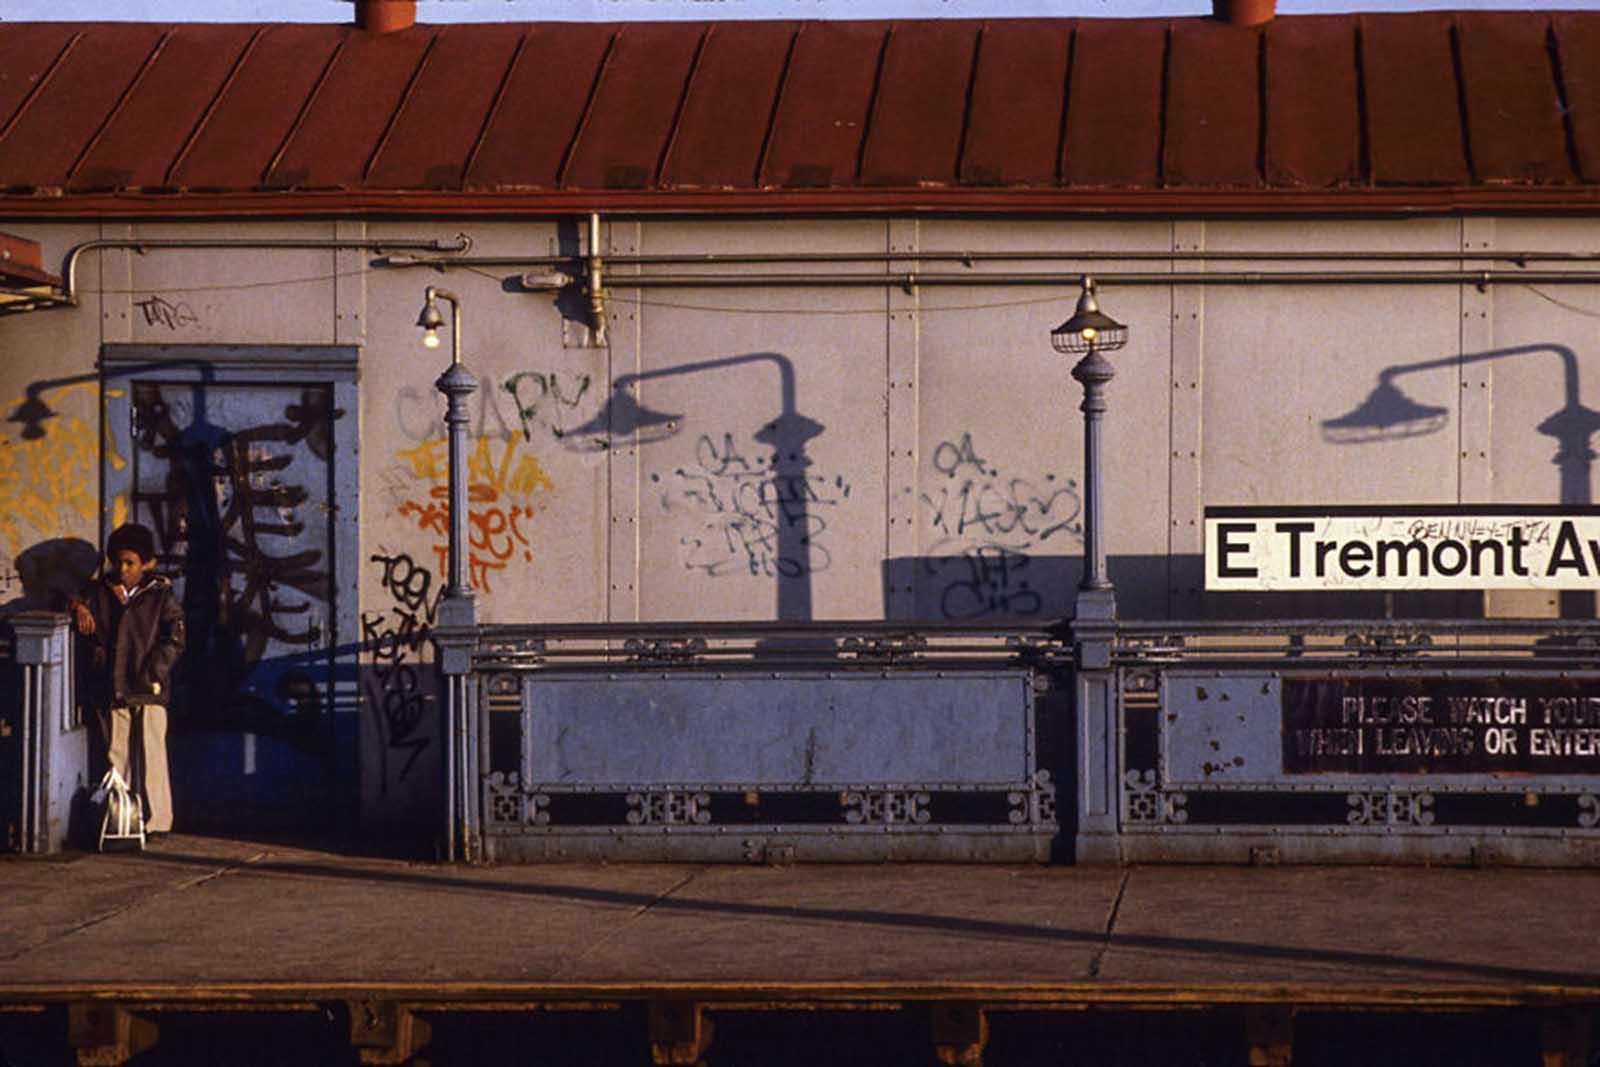 Fotos raras del peligroso sistema de metro de la ciudad de Nueva York, 1970-1980